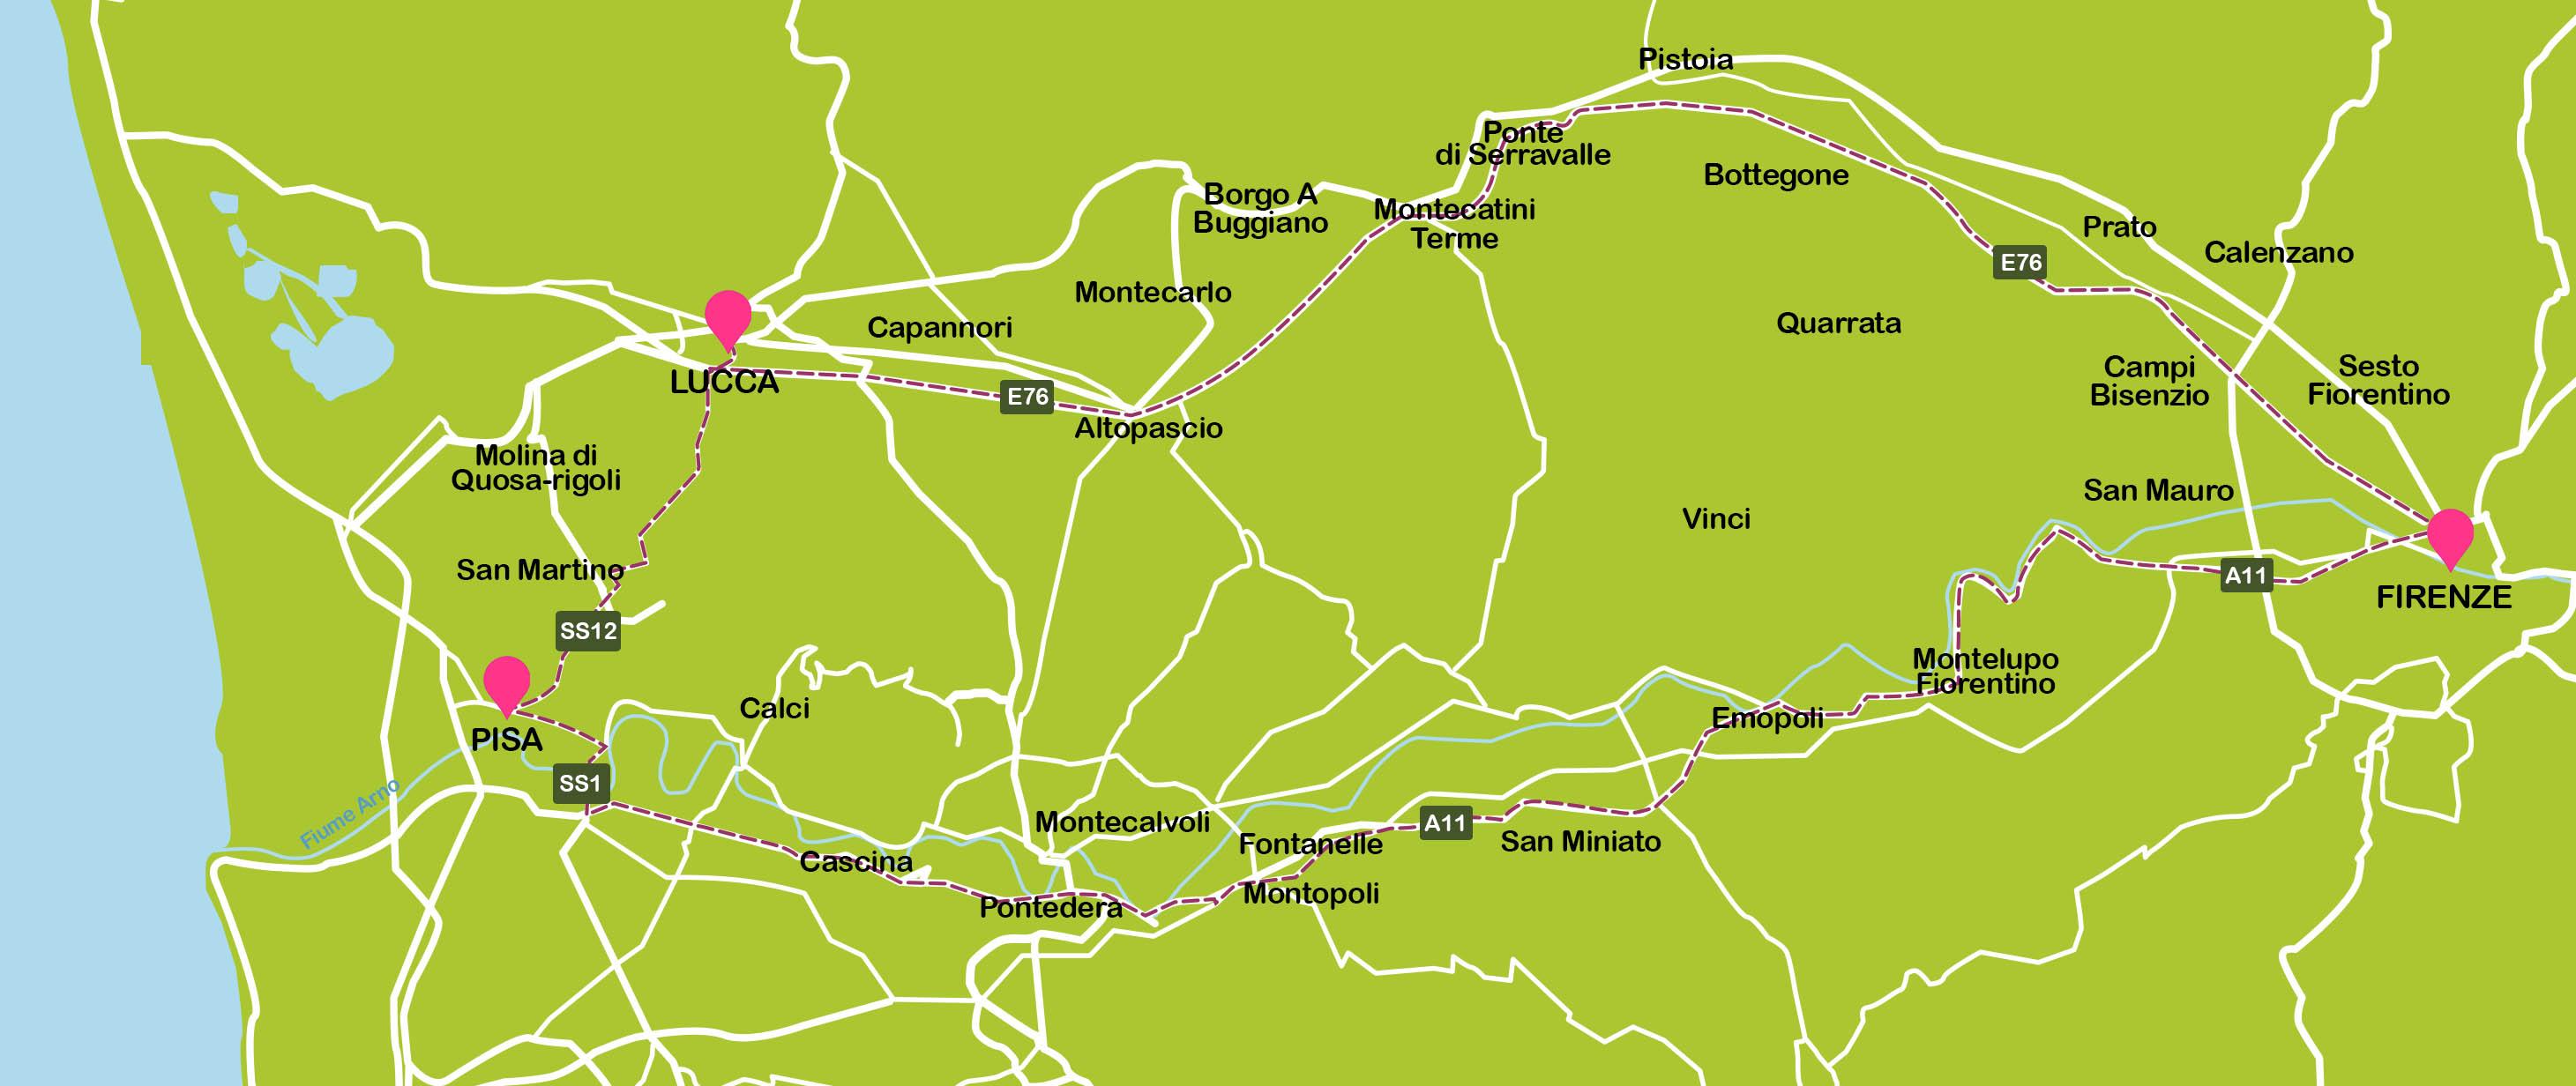 De Florencia a Pisa y Lucca